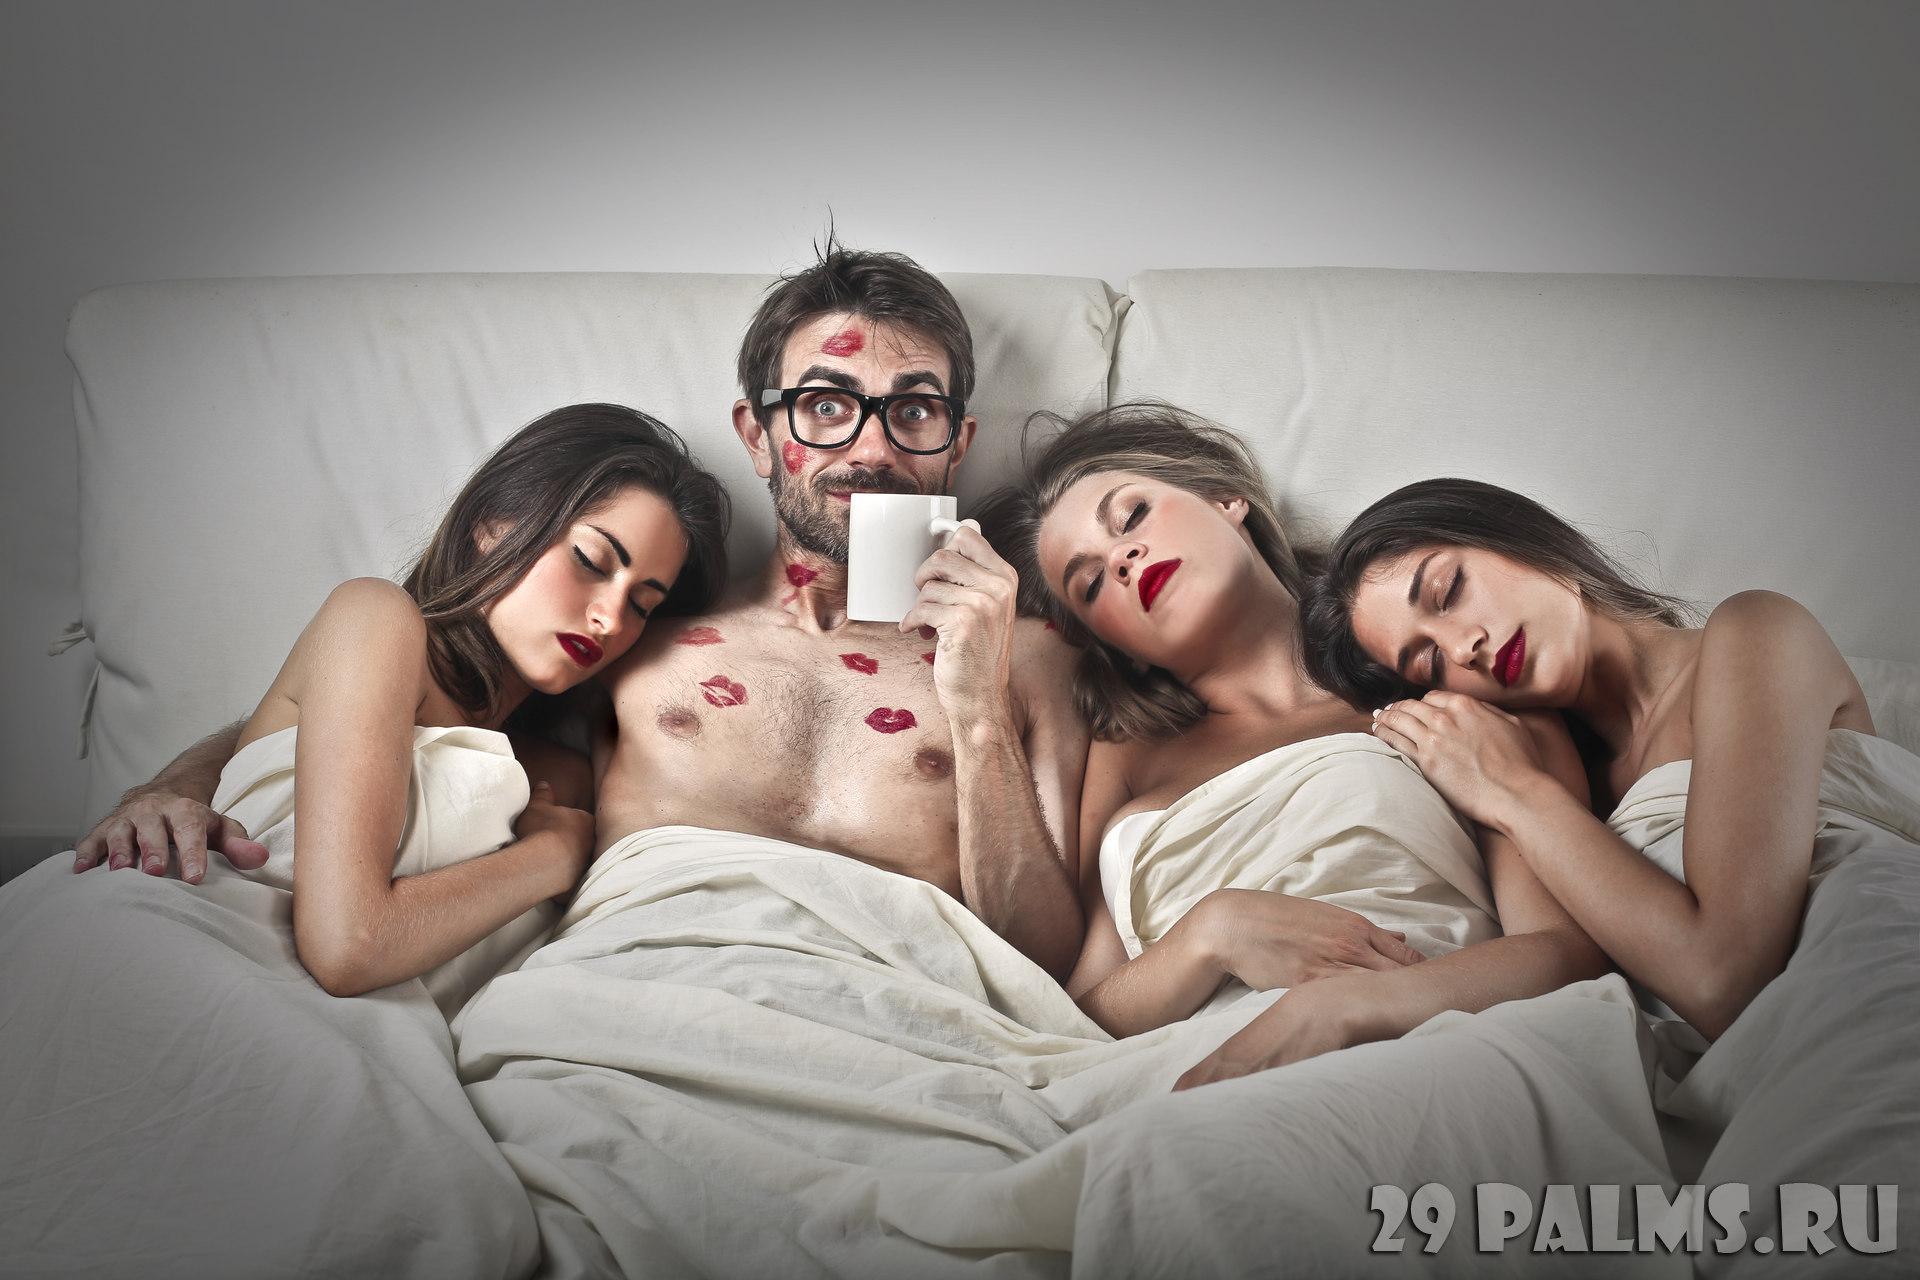 Сексуальные семьи фото, Подборка частных порно фото семейных пар 11 фотография